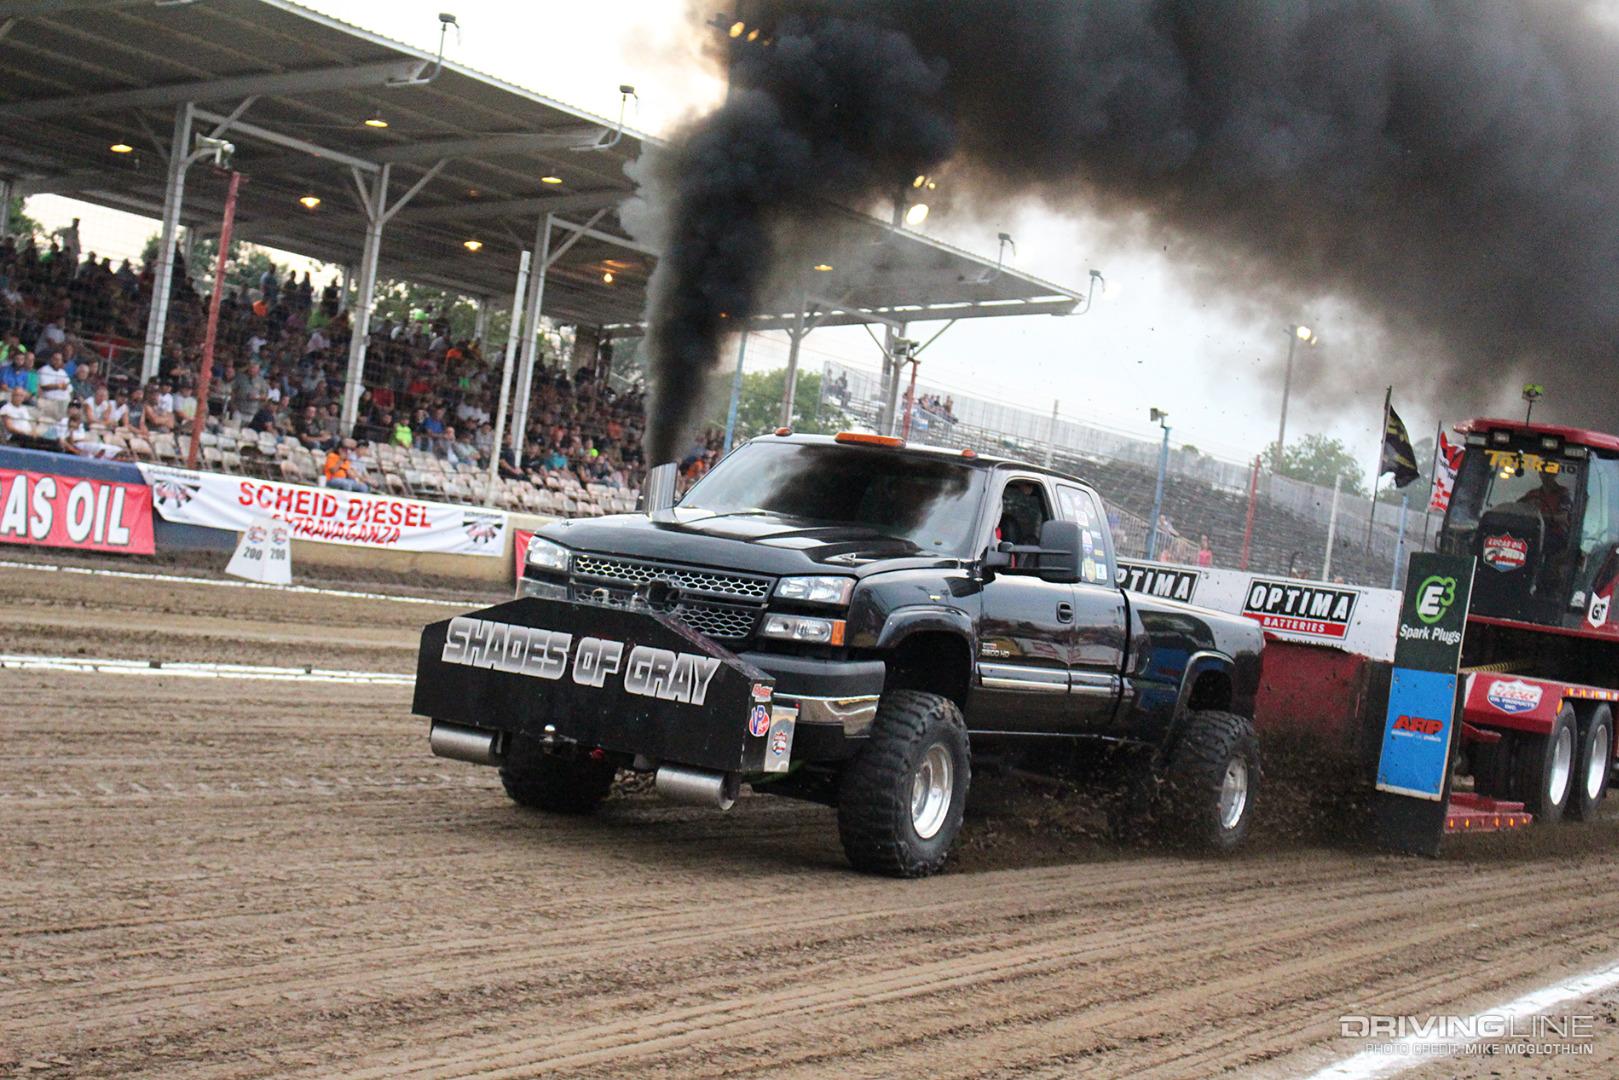 Fastest Diesel Truck >> Rich With History: The Scheid Diesel Extravaganza | DrivingLine